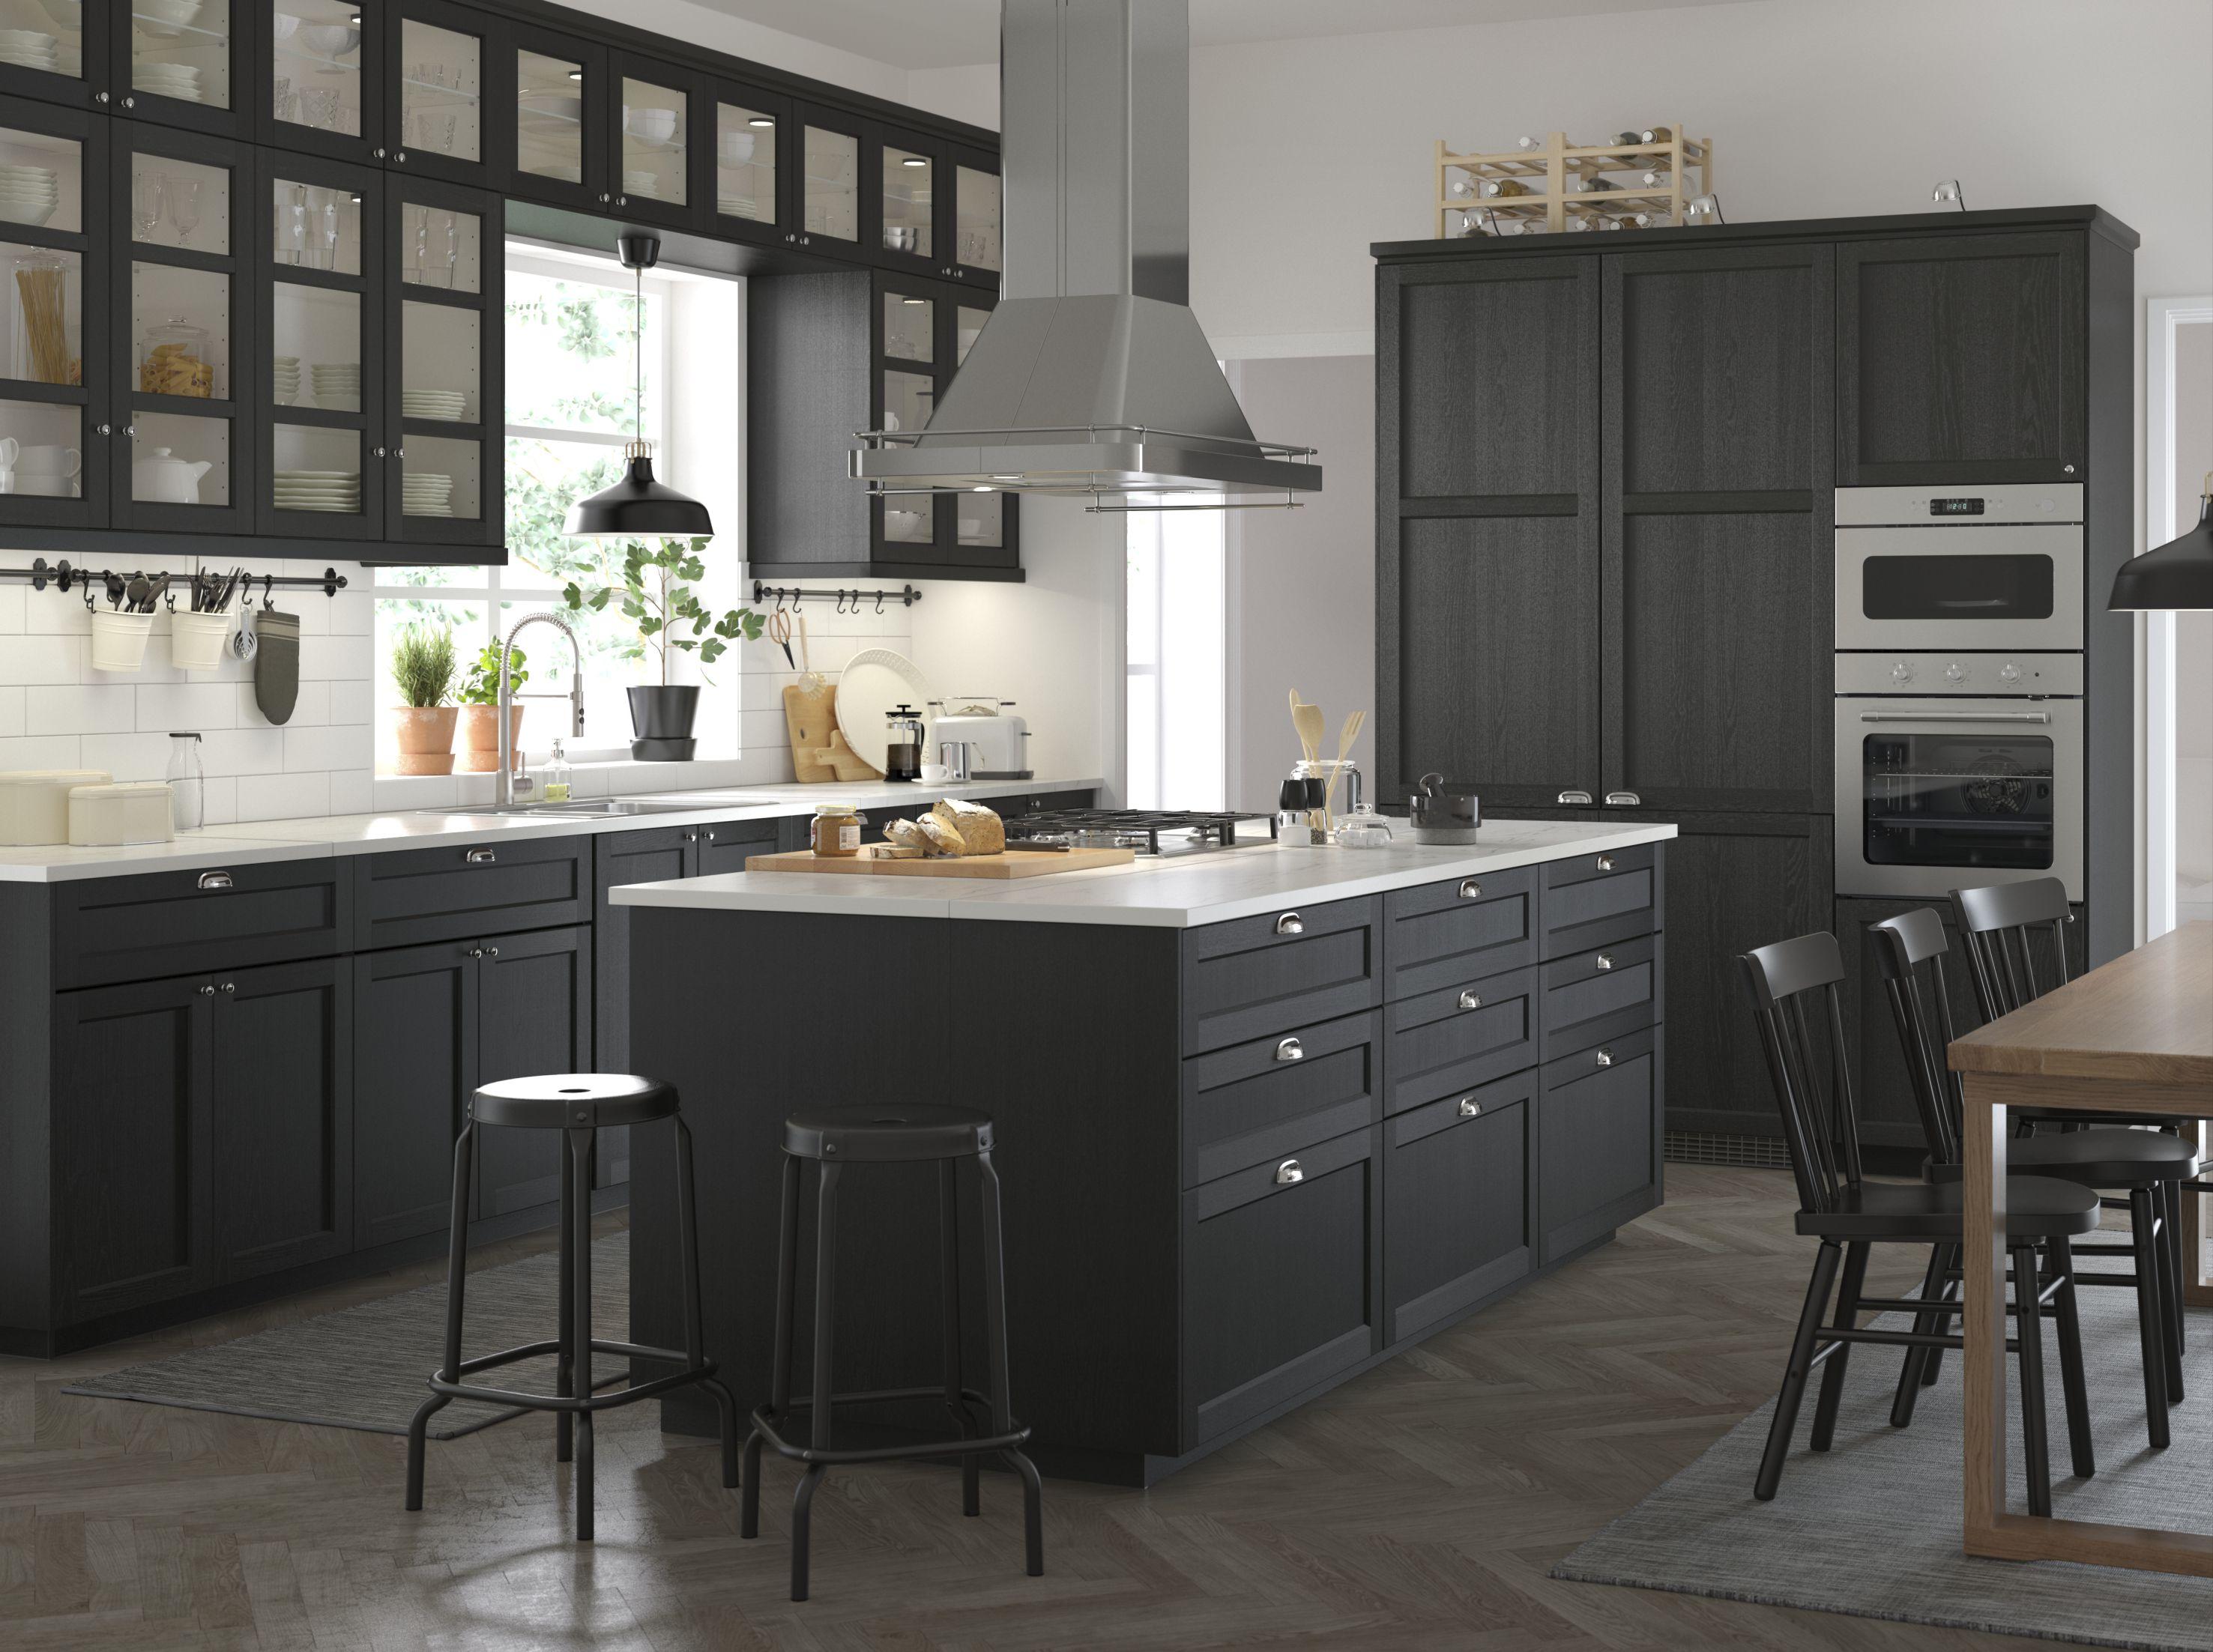 Ikea Lerhyttan | Kök | Pinterest | Neue küche, Haus küchen und Küche